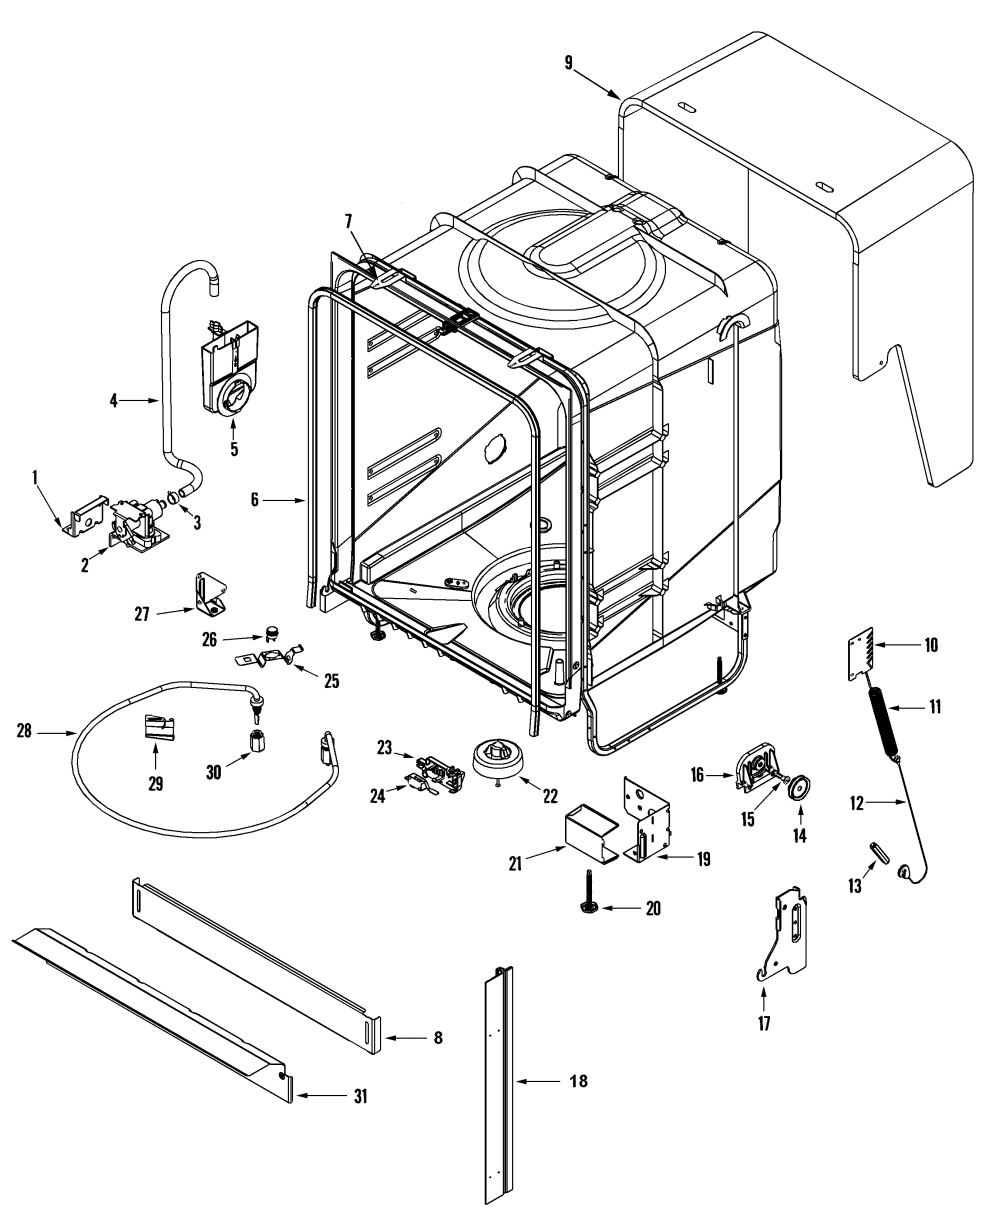 medium resolution of amana dishwasher adb1500aww parts diagram moreover amana dishwasher amana dishwasher motor diagram furthermore amana dishwasher adw662eac